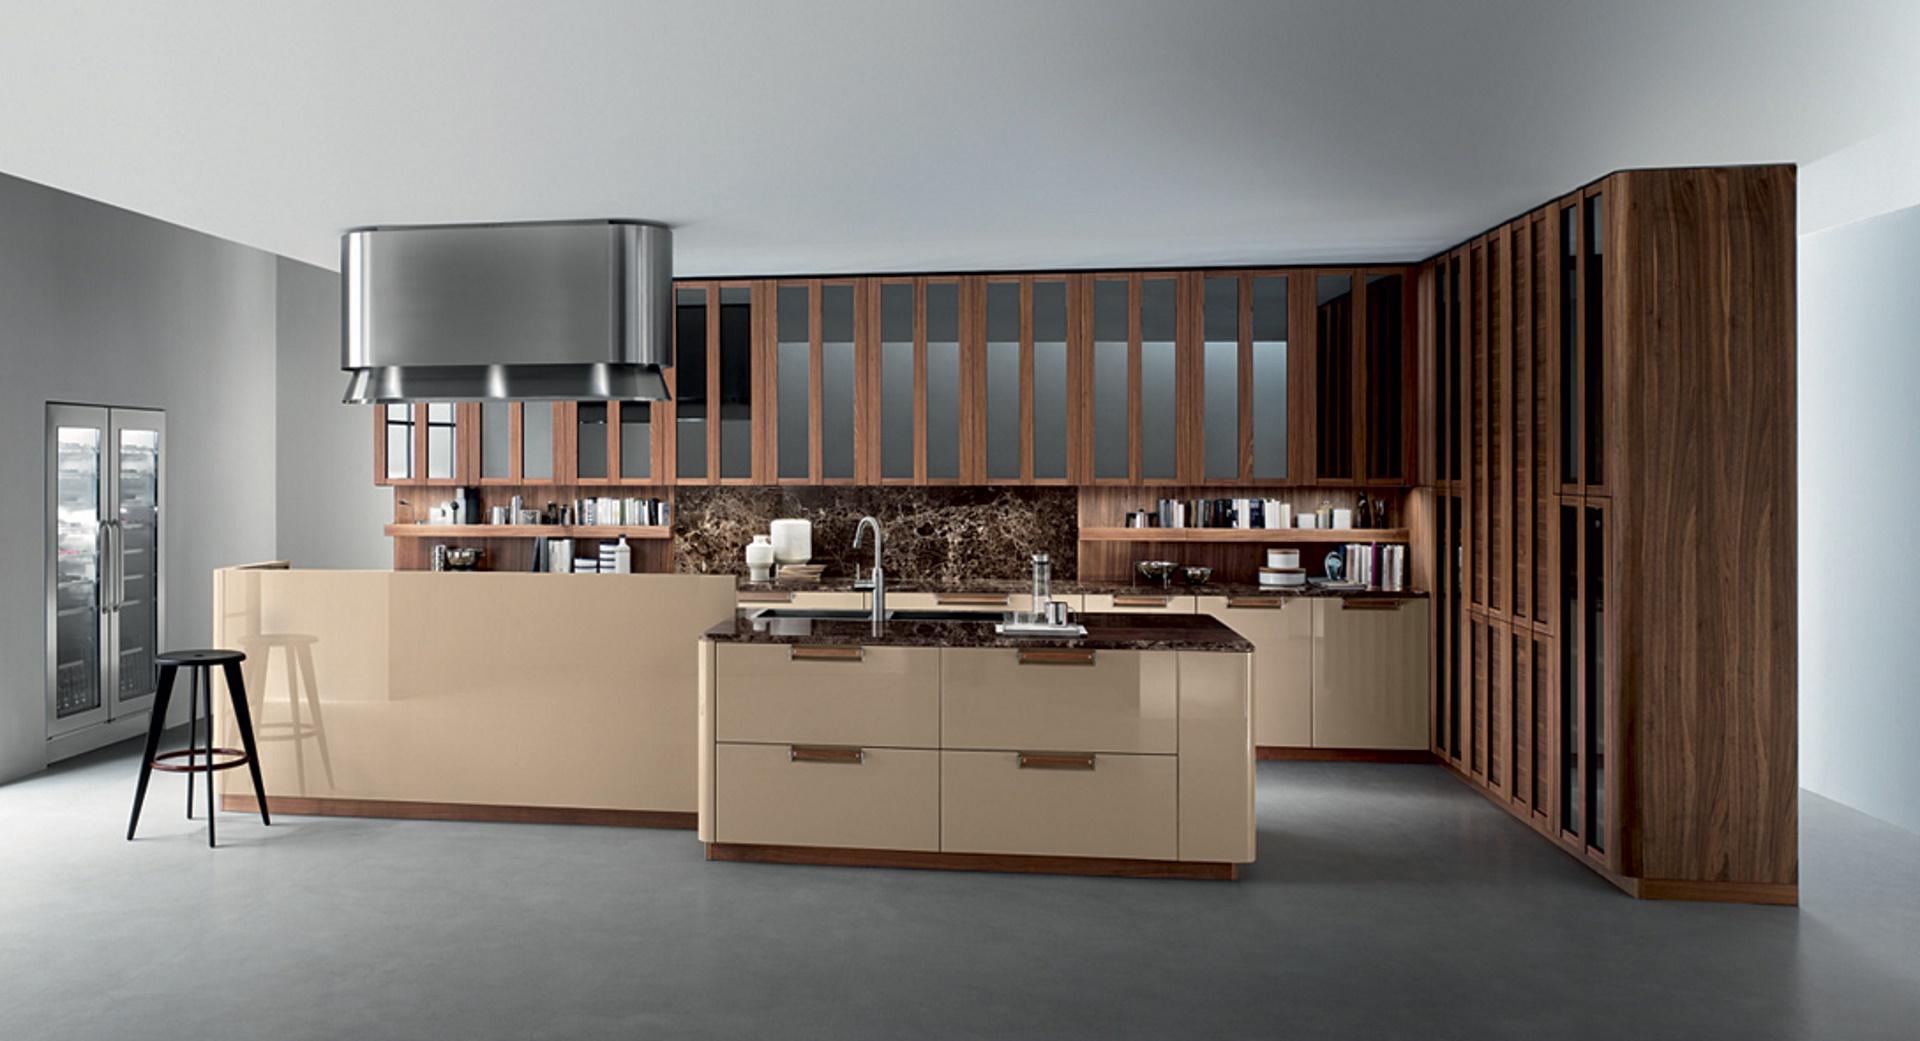 Cucina contemporanea_Noisette_Room One_cucina concepita con altezze variabili che permettono di avere composizioni orizzontali molto snelle in altezza 208, o composizioni che si sviluppano fino a 268, accentuando il motivo delle ante a telaio e conferendole imponenza